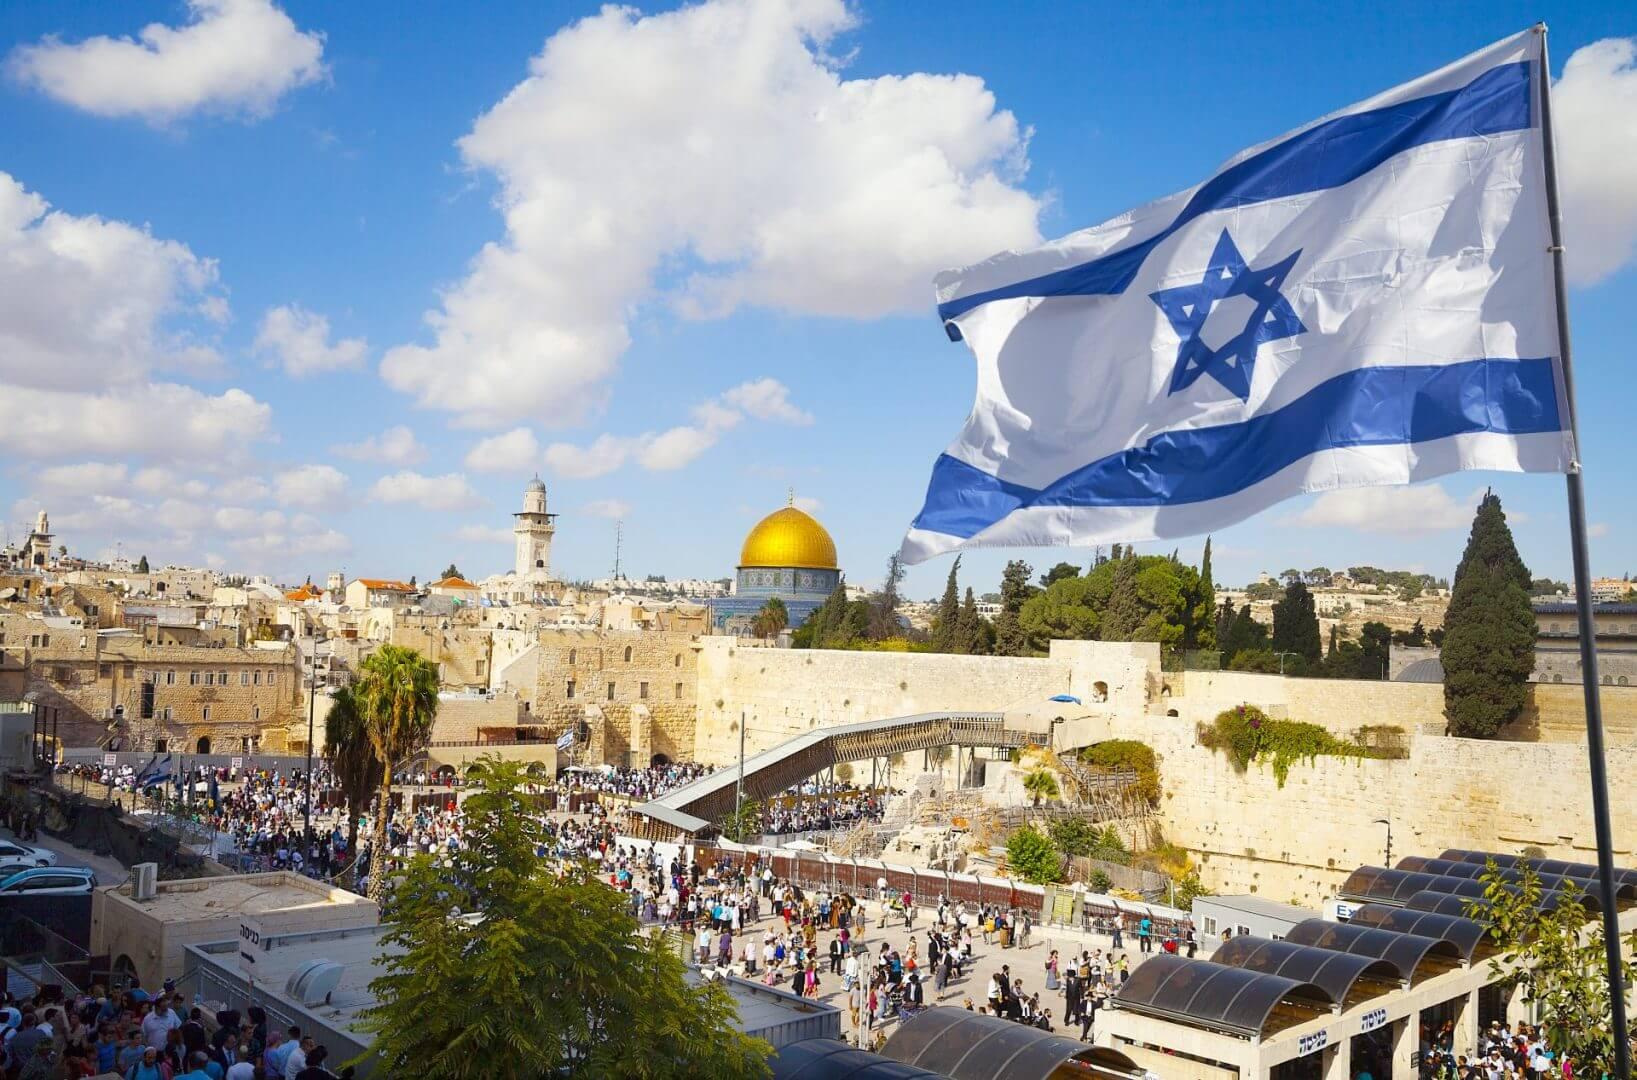 Wakacje w Izraelu – co powinno zawierać ubezpieczenie?